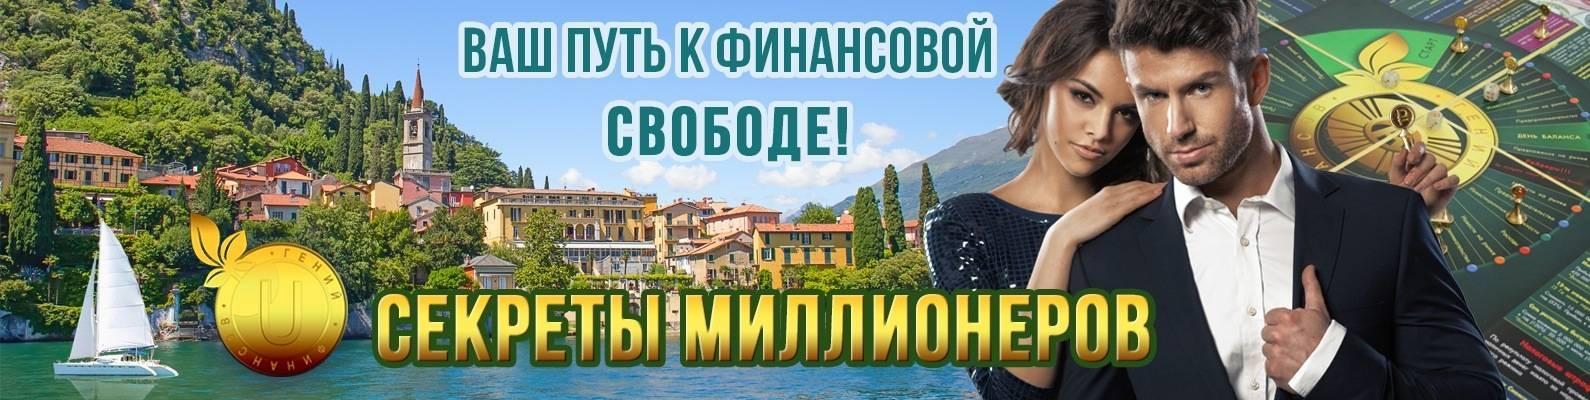 Киев vs. санкт-петербург: рассуждения эмигрировавшего киевлянина | нашкиев.ua